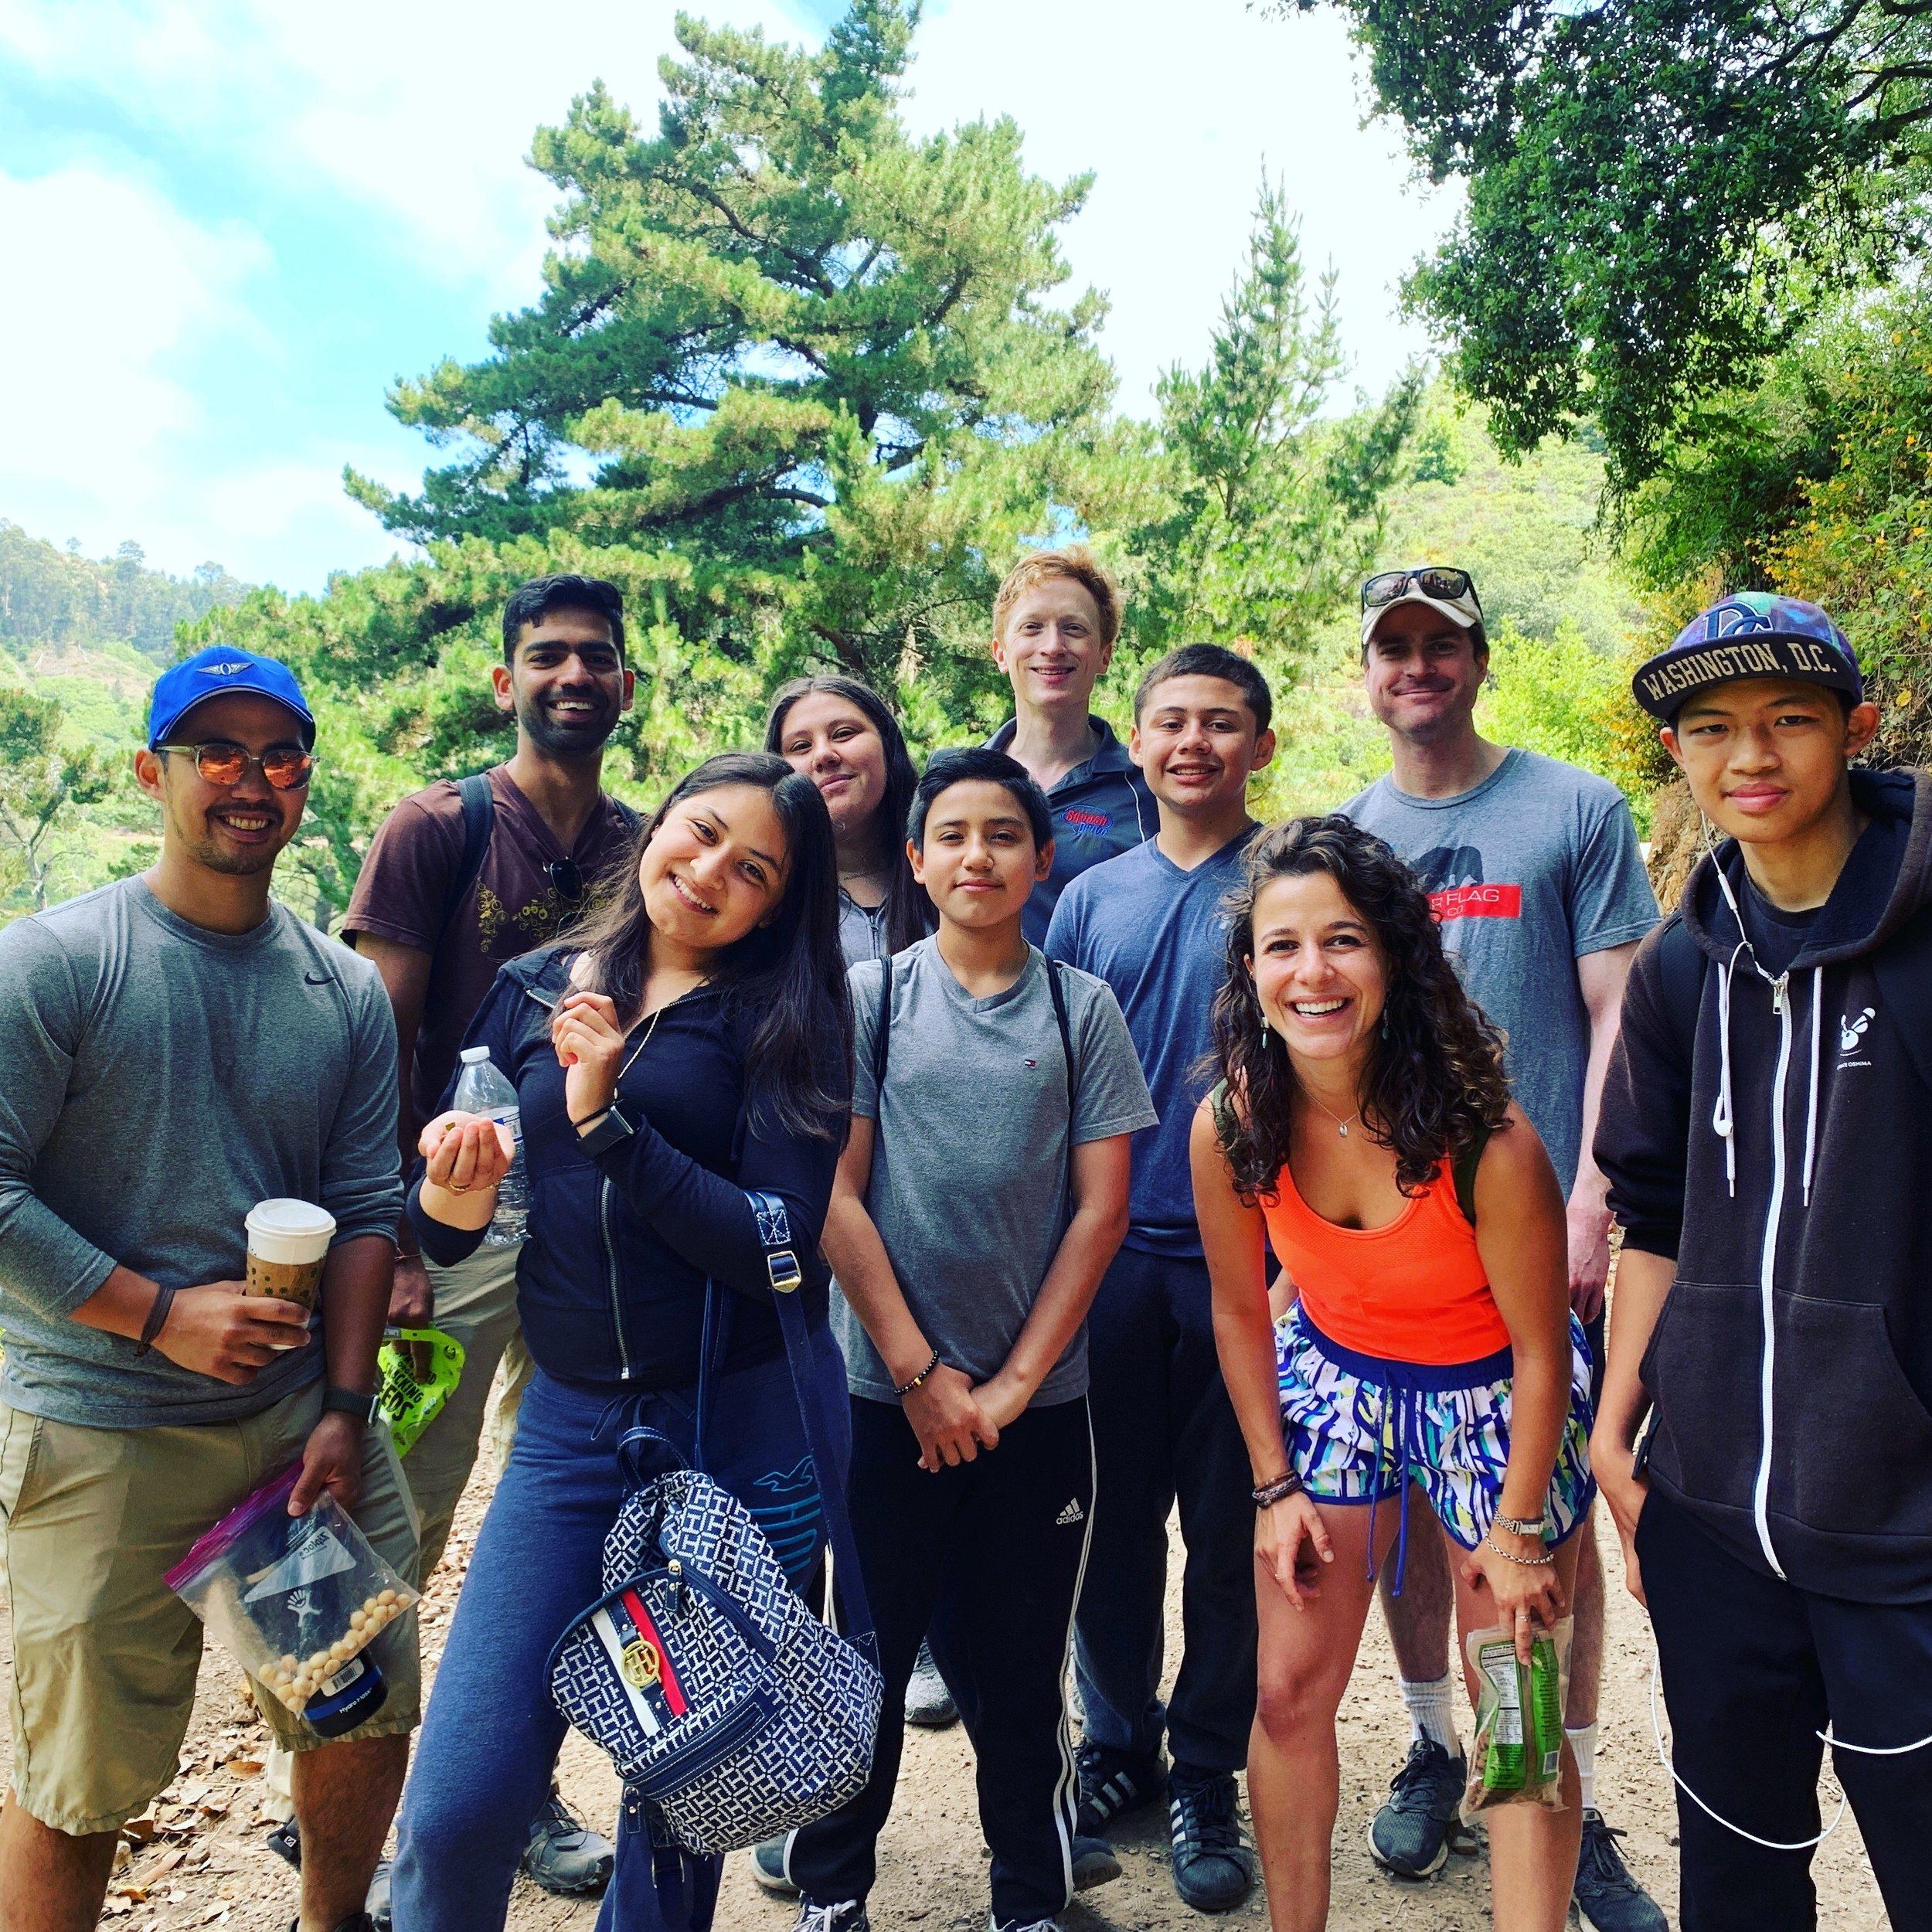 Mentor-Menthe hike meet-up in the Berkeley Hills.